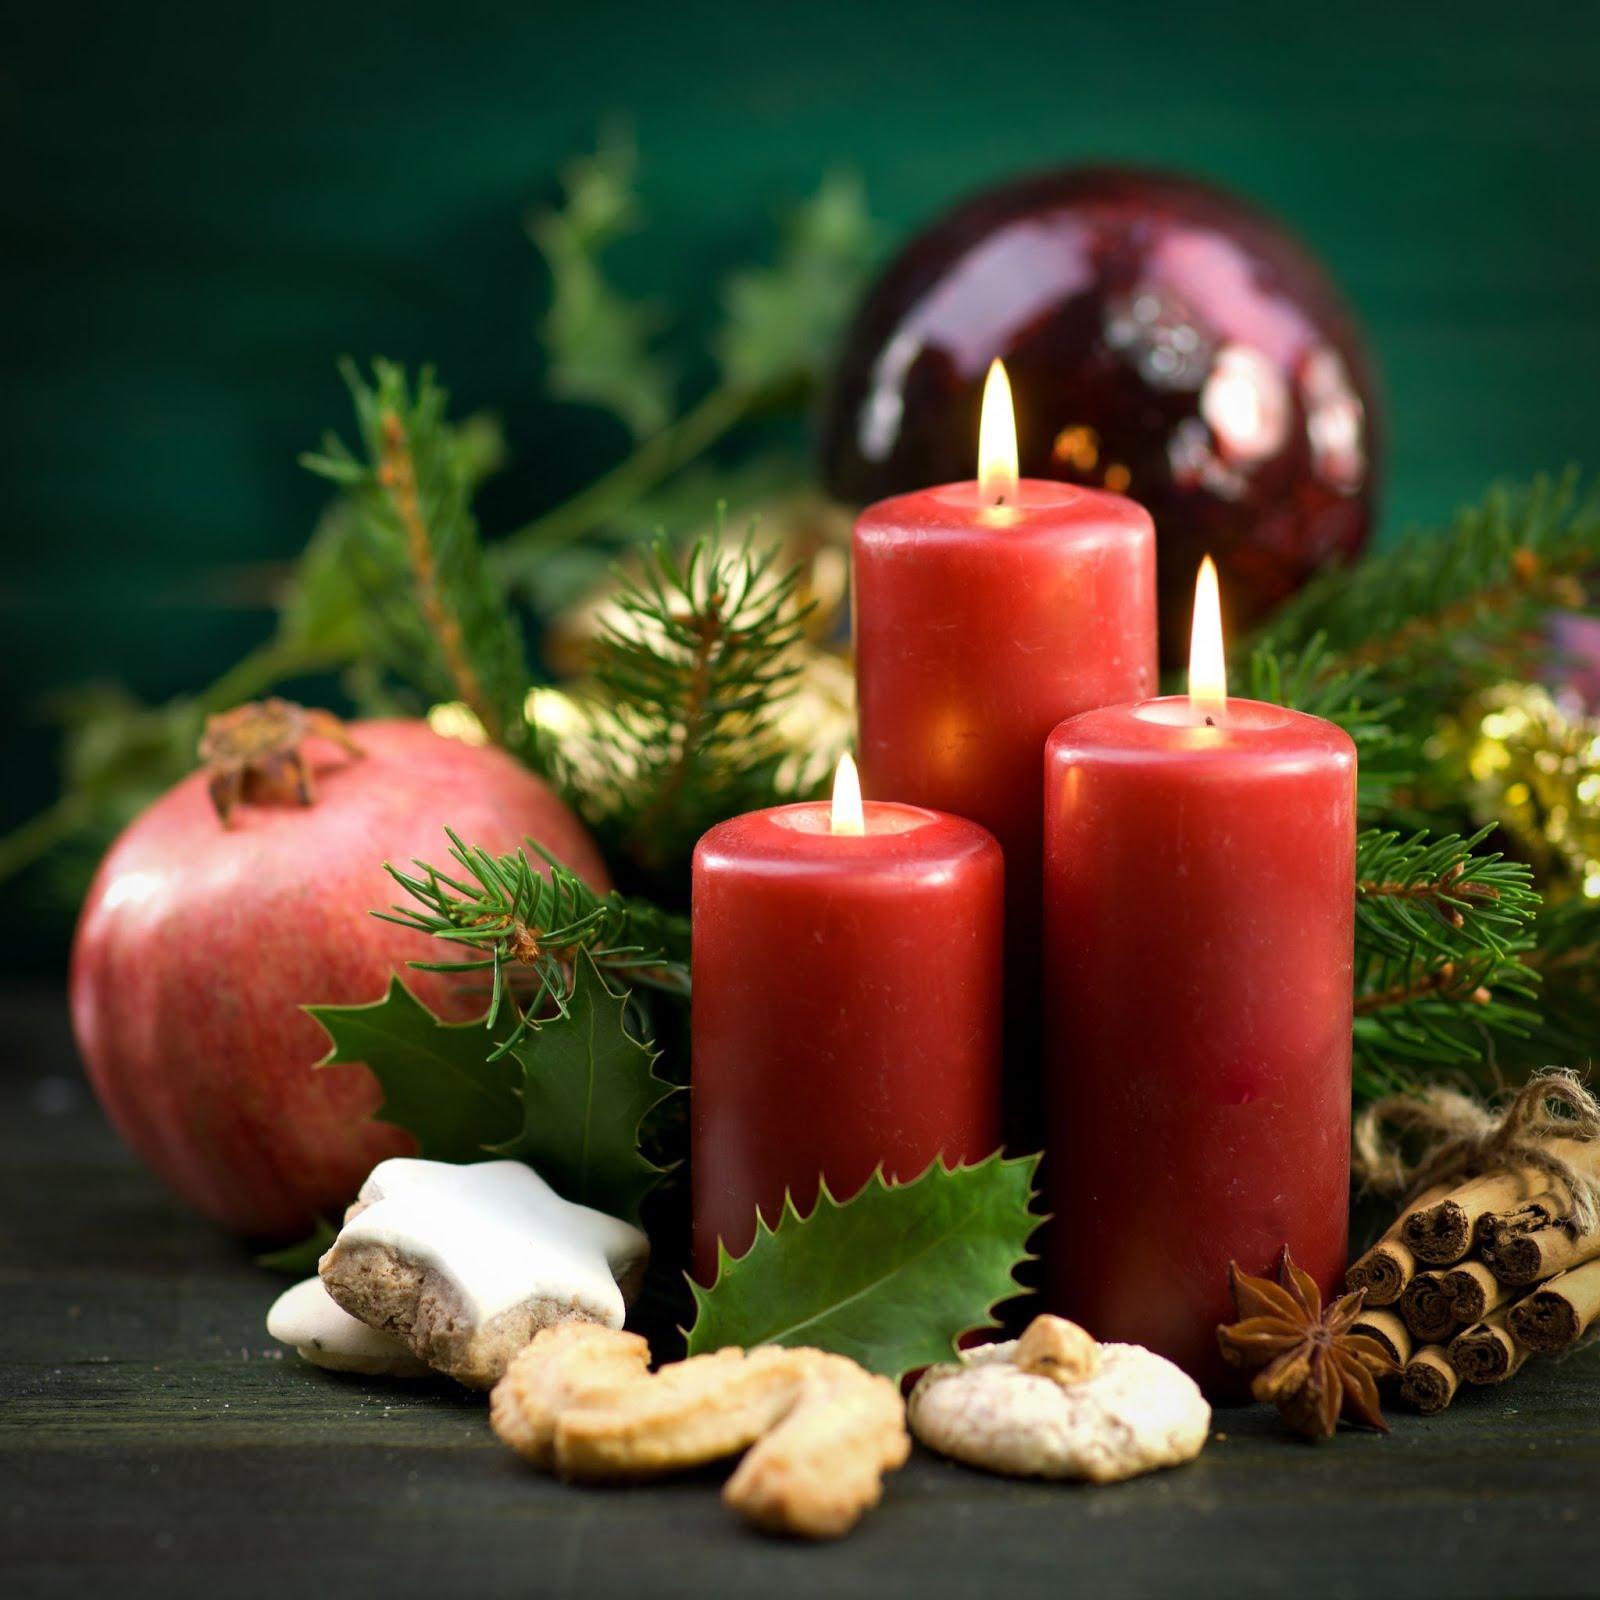 Banco de im genes tarjetas navide as con velas encendidas - Adornos navidenos con velas ...